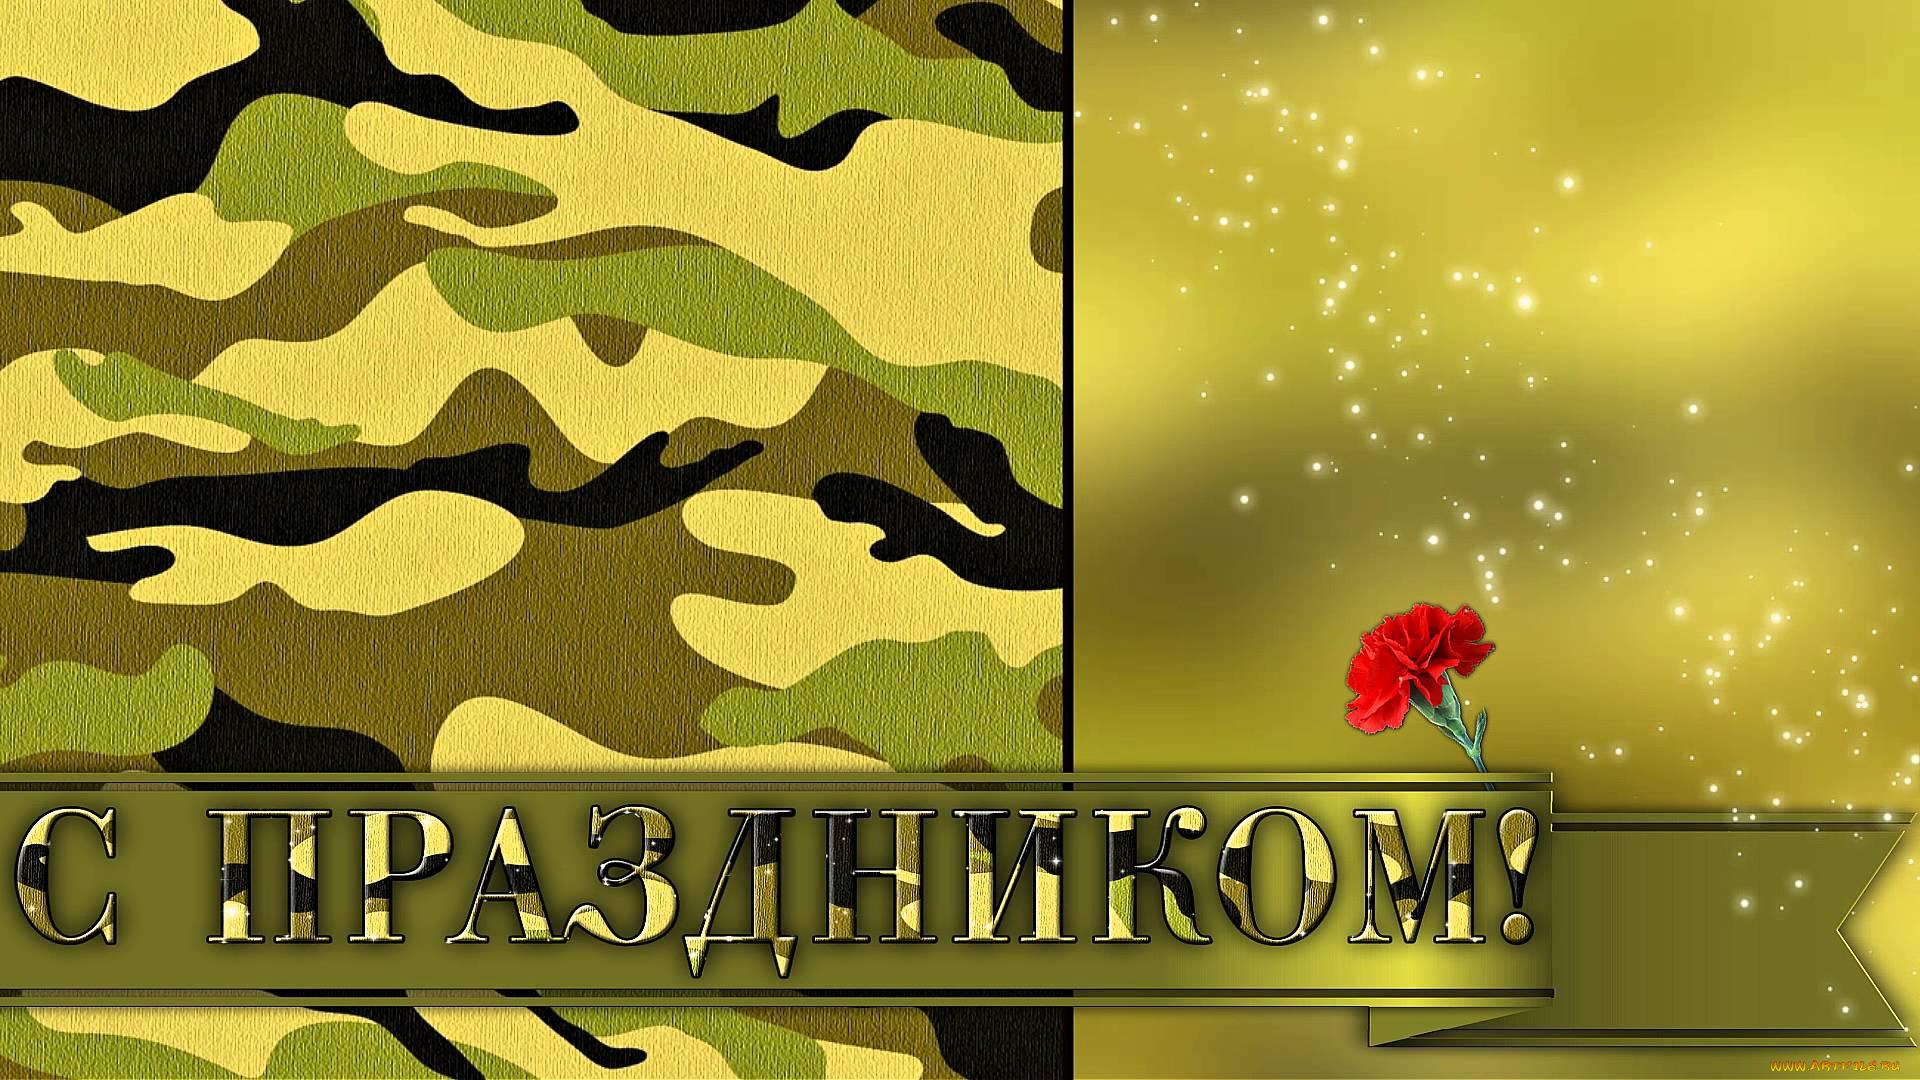 к 23 февраля открытка солдат в камуфляжной одежде выглядел как украшение